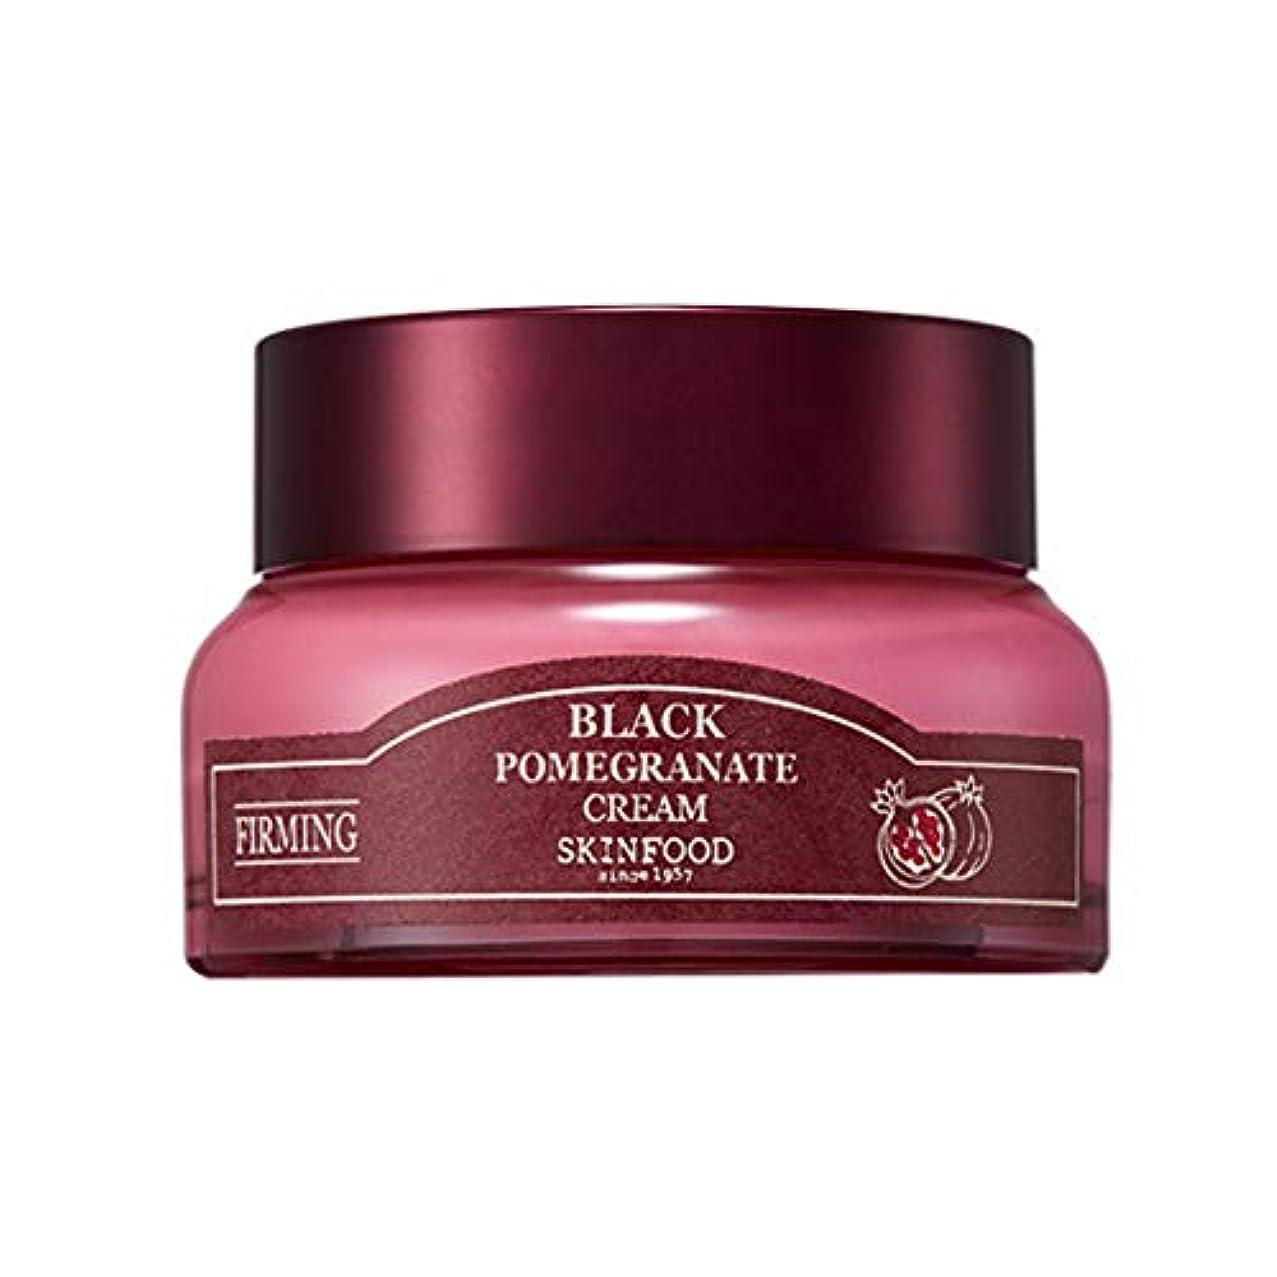 ヘルシー価格疎外する[リニューアル] スキンフード 黒ザクロ クリーム 54ml / SKINFOOD Black Pomegranate Cream 54ml [並行輸入品]